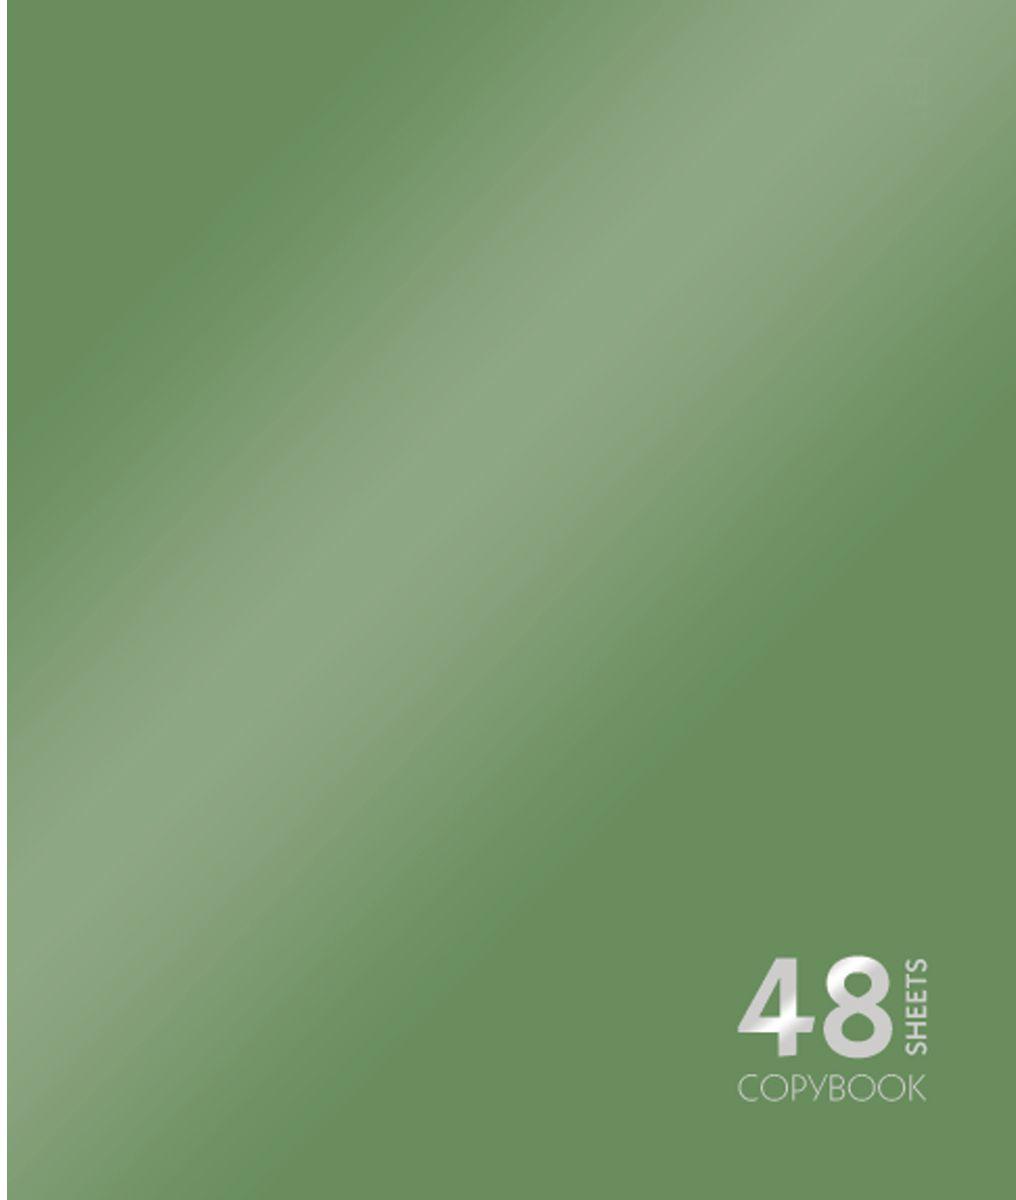 Канц-Эксмо Тетрадь Сияние цвета 48 листов в клетку цвет зеленый72523WDТетрадь А5 48 листов на скрепке, клетка. Обложка мелованный картон с пантонной металлизированной печатью. Бумага офсет 60г/м2